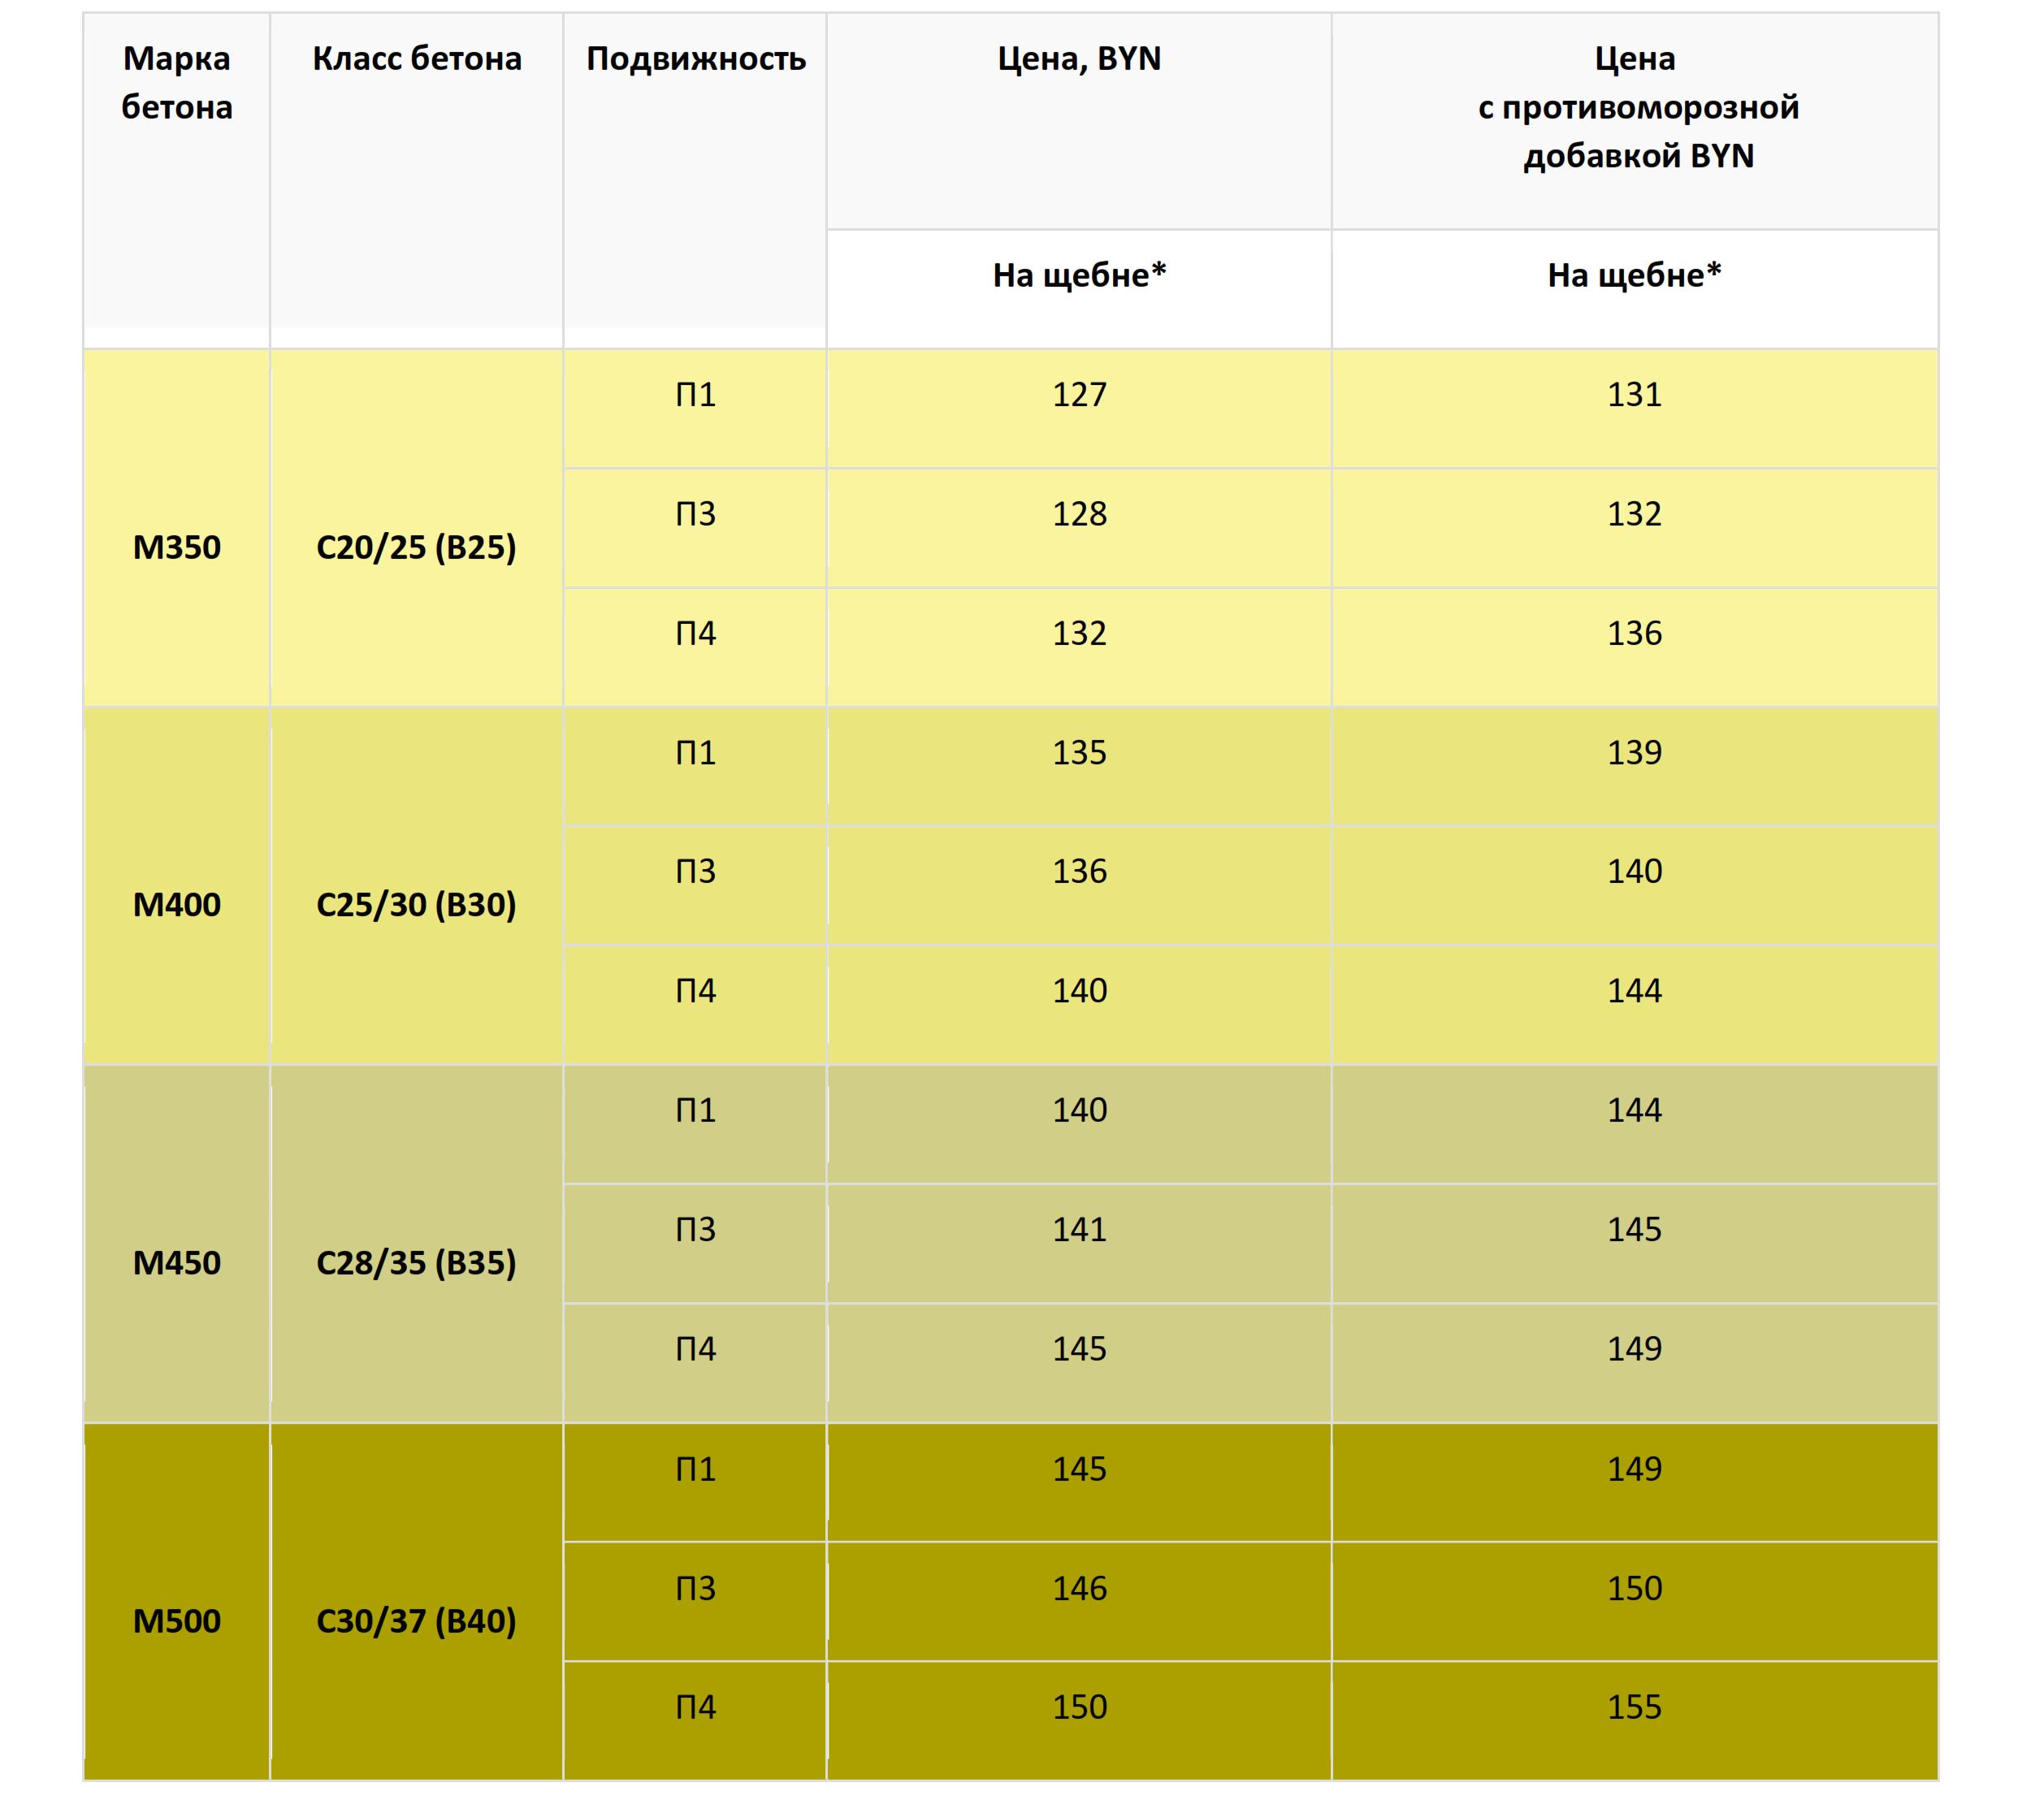 Марки бетона и их цены